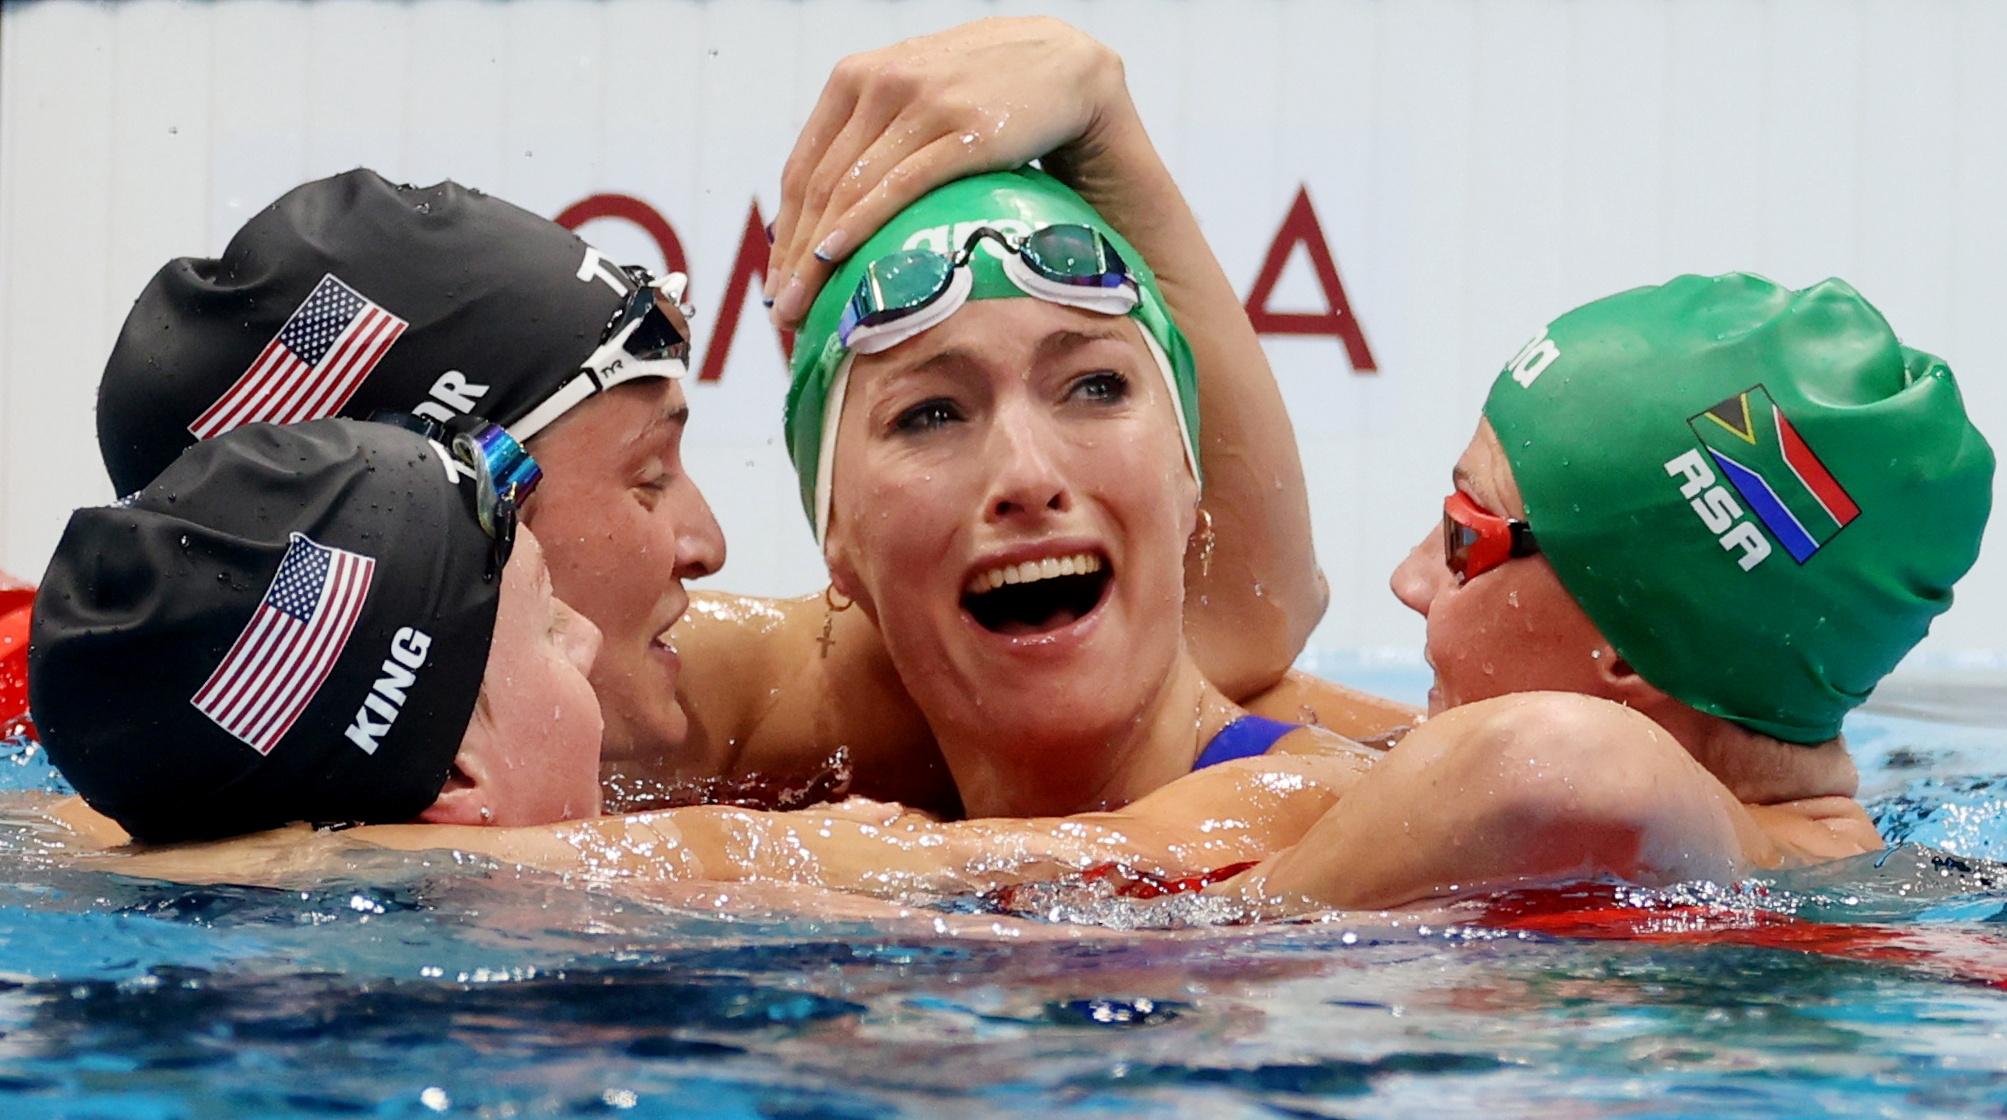 남아프리카 공화국의 수영 선수 Tatiana Schoenmaker가 7월 30일 200m 평영에서 금메달을 딴 후 동료 선수들(왼쪽부터 American Lily King, American Annie Lazur, 남아프리카 공화국 Kaylene Corbett)로부터 축하를 받고 있습니다.